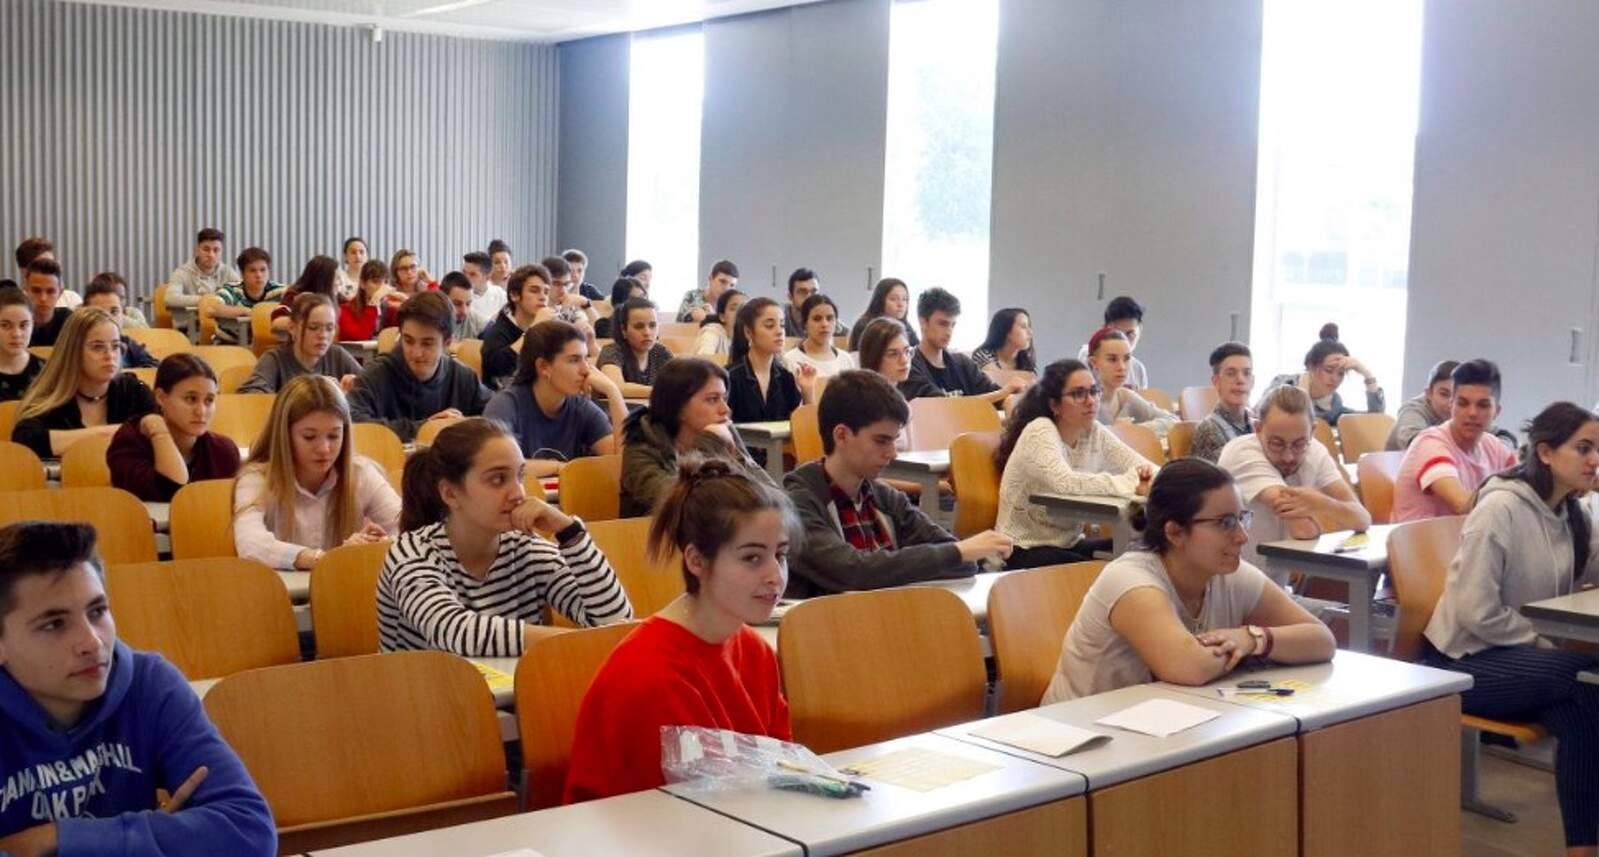 Alumnes en una classe a la Facultat d'Economia i Dret de la Universitat de Lleida per examinar-se dels primers exàmens de selectivitat